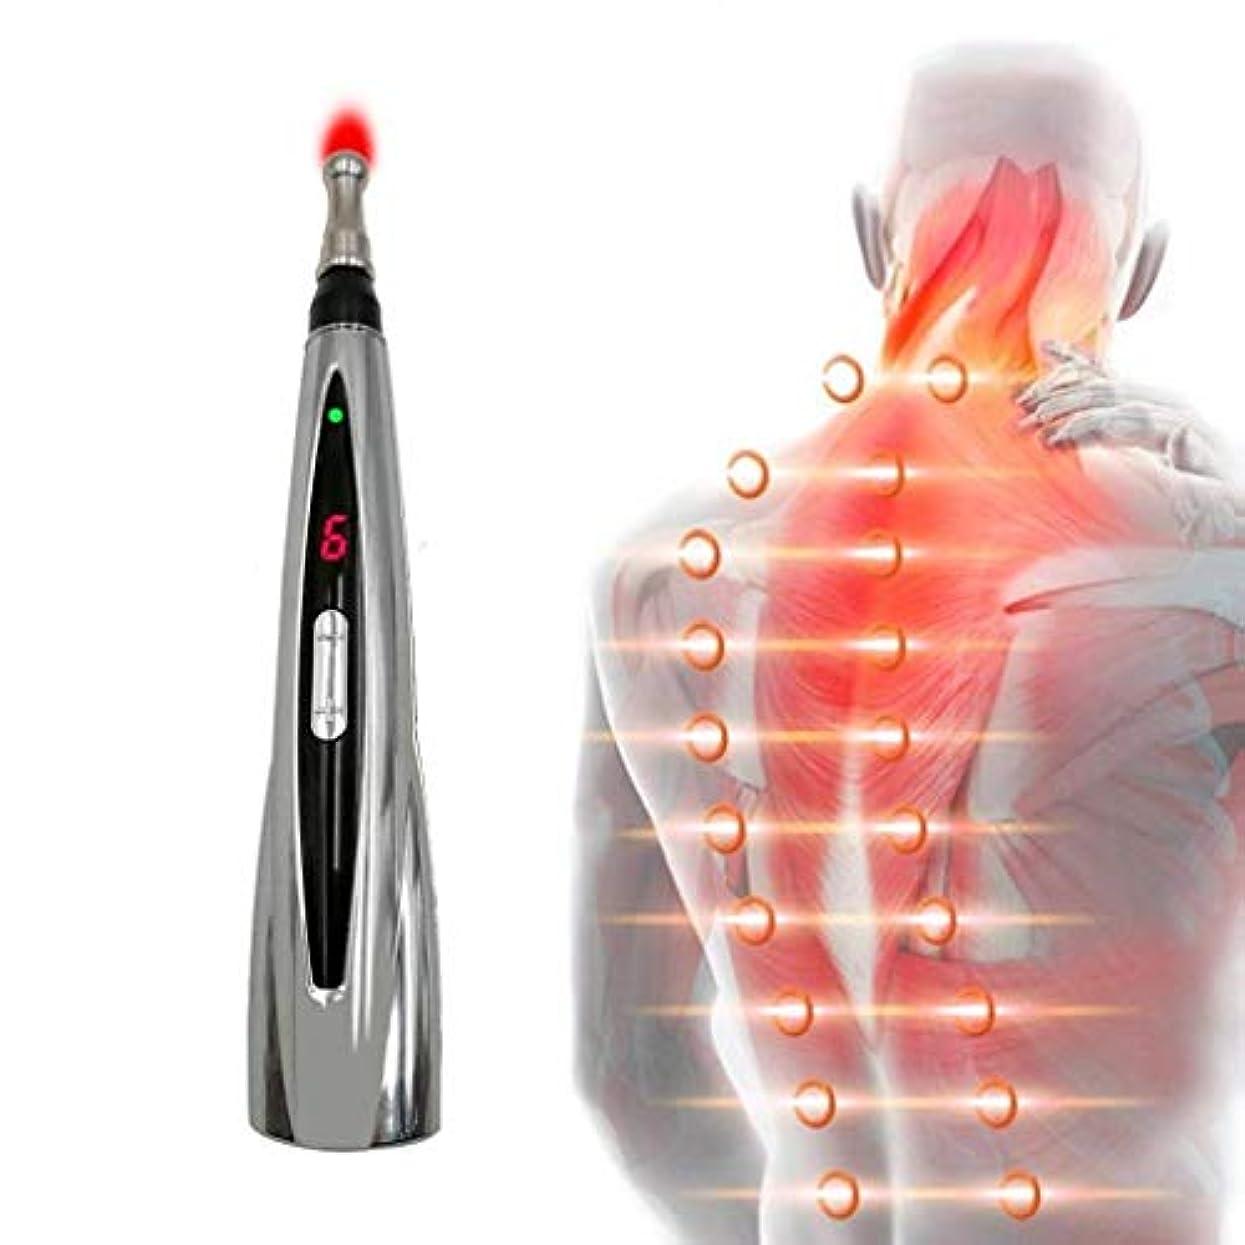 プリーツ言及するブルジョン鍼治療ペン、エネルギーパルス指圧スティック、ホームマッサージャー、経絡edge器、電子鍼治療ペン、痛みを和らげ、ヘルスケア